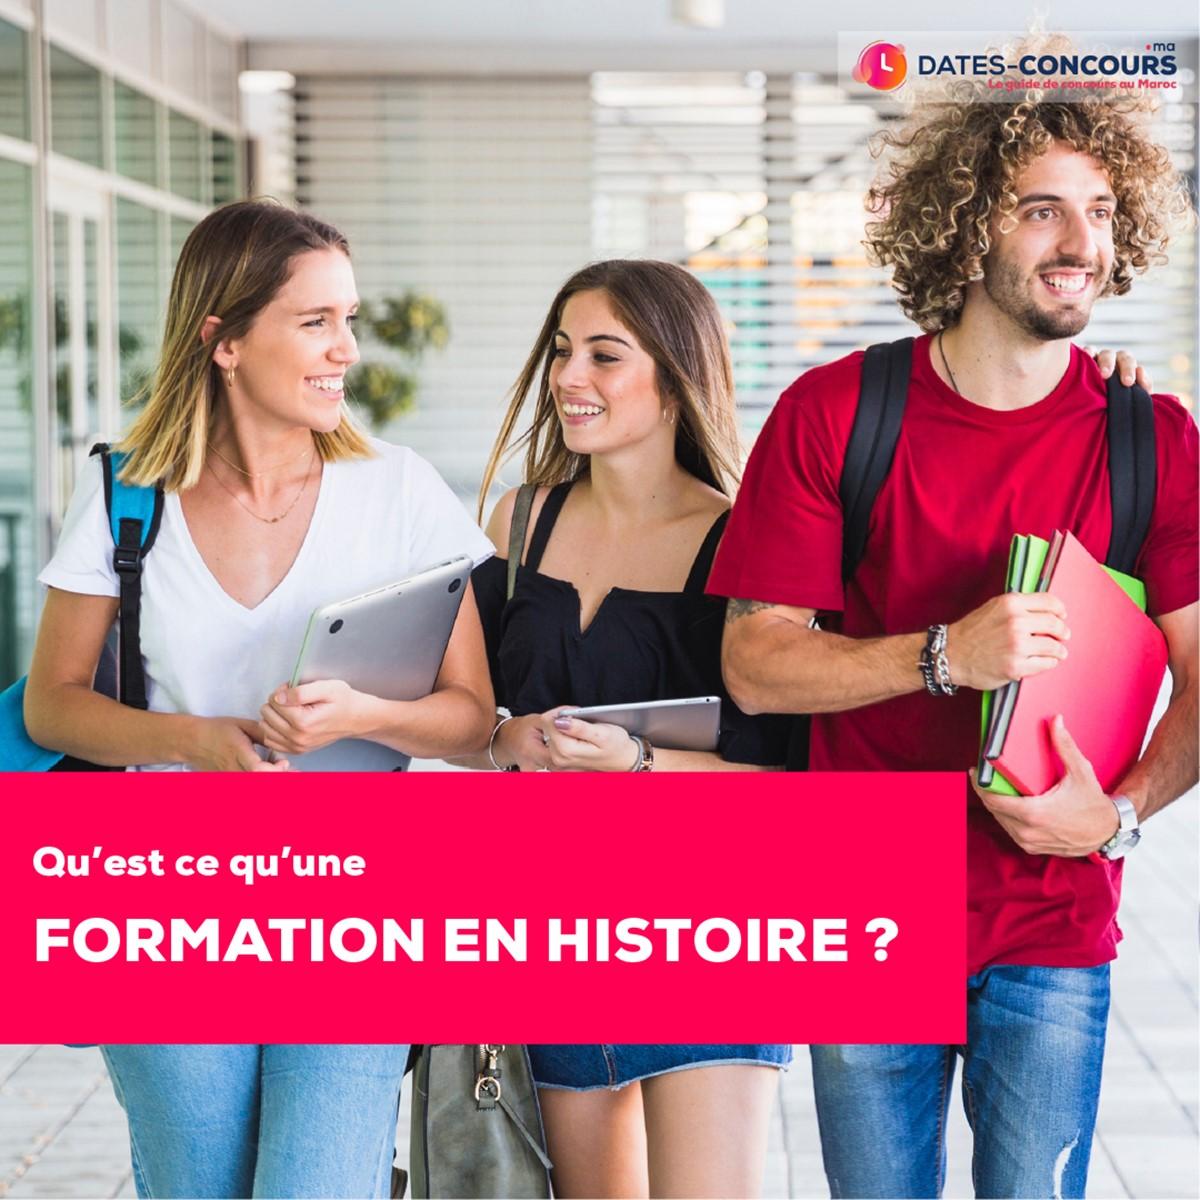 Les études en Histoire